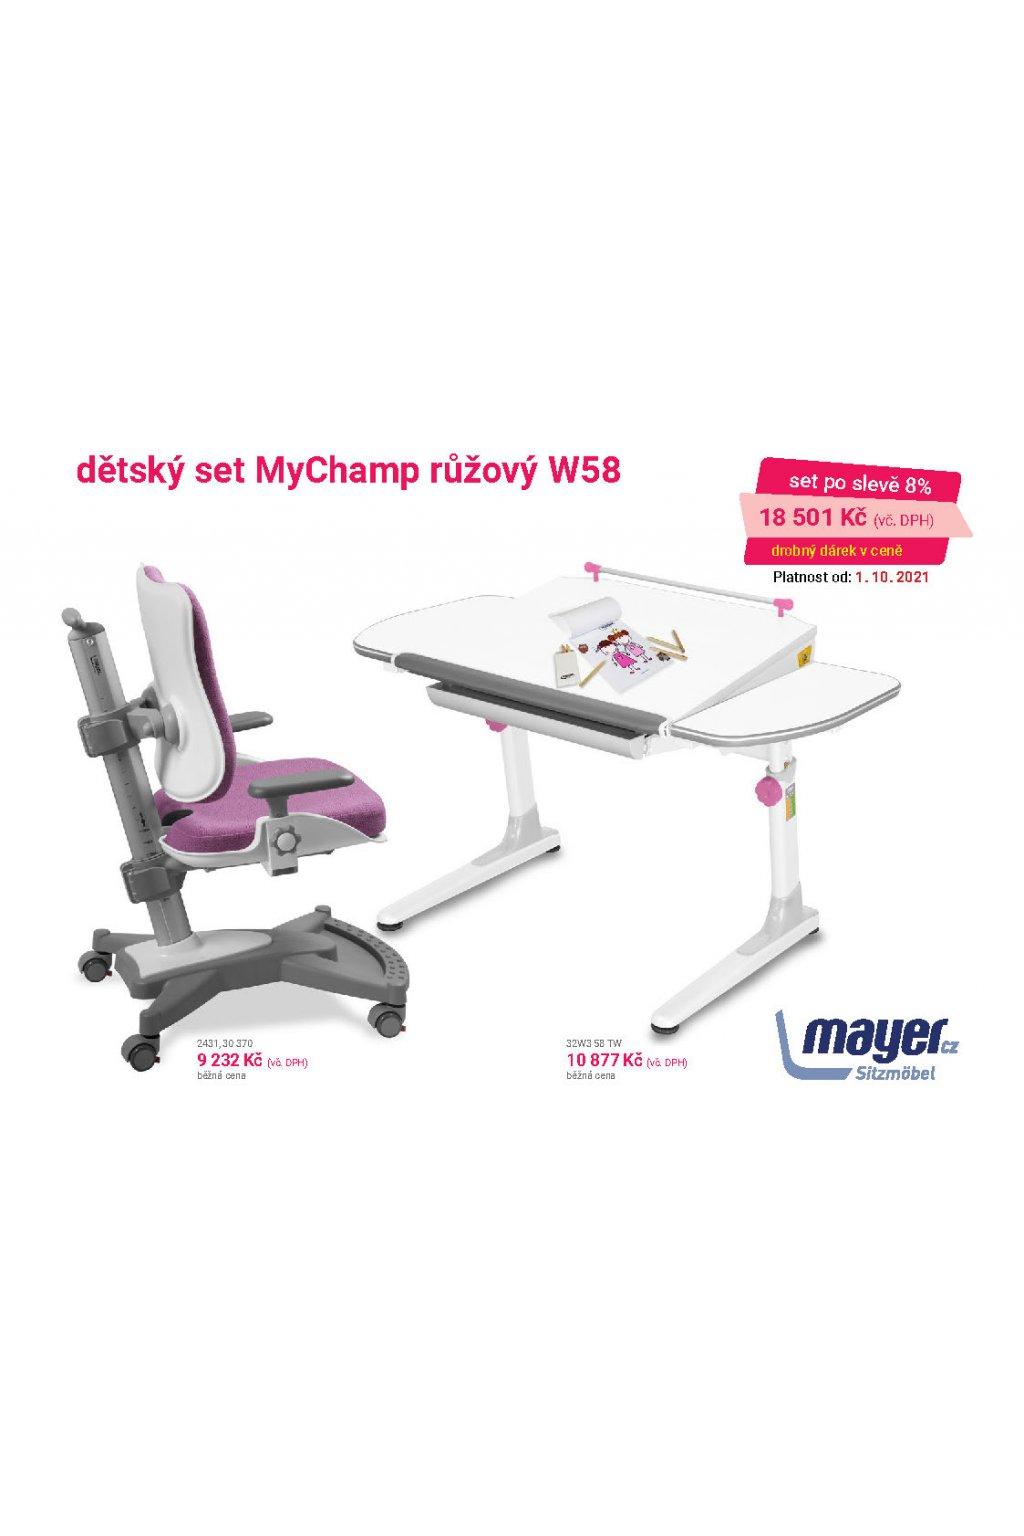 09 MAYER CZ KIDS set MyChamp růžový W58 CZK 2020 01